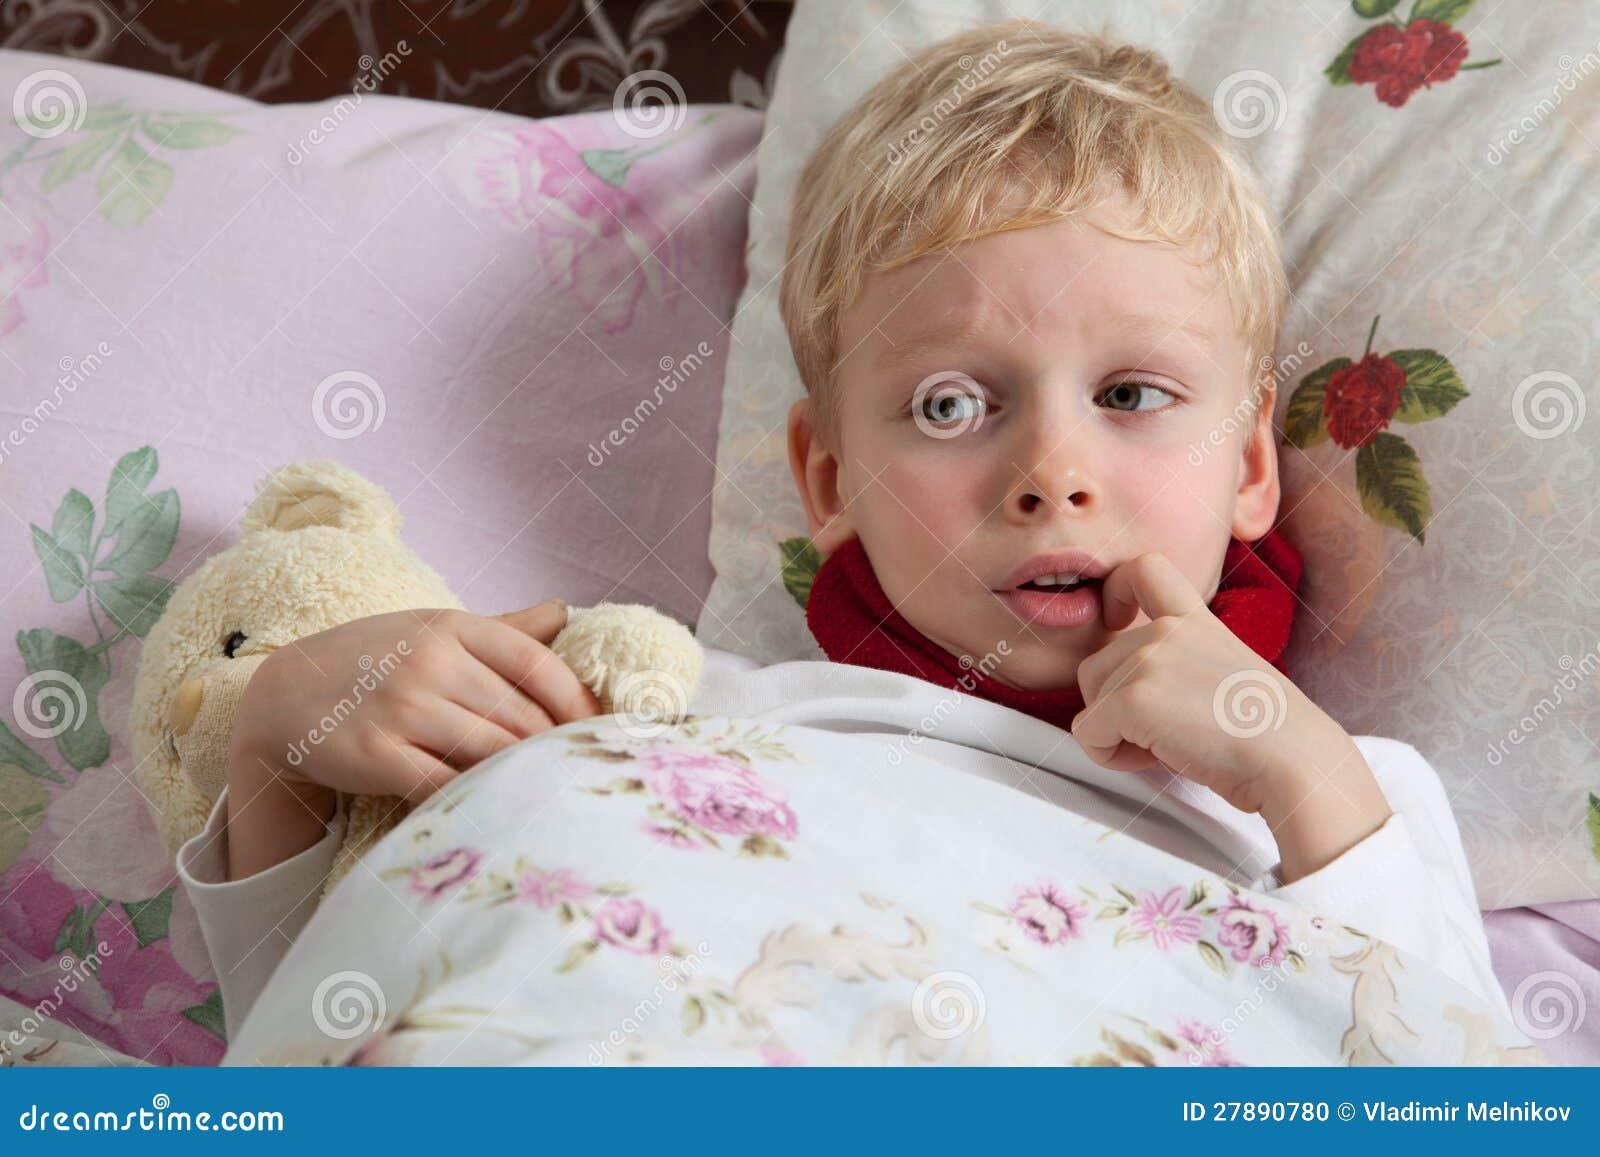 Мальчик лежит на кровати фото фото 170-440